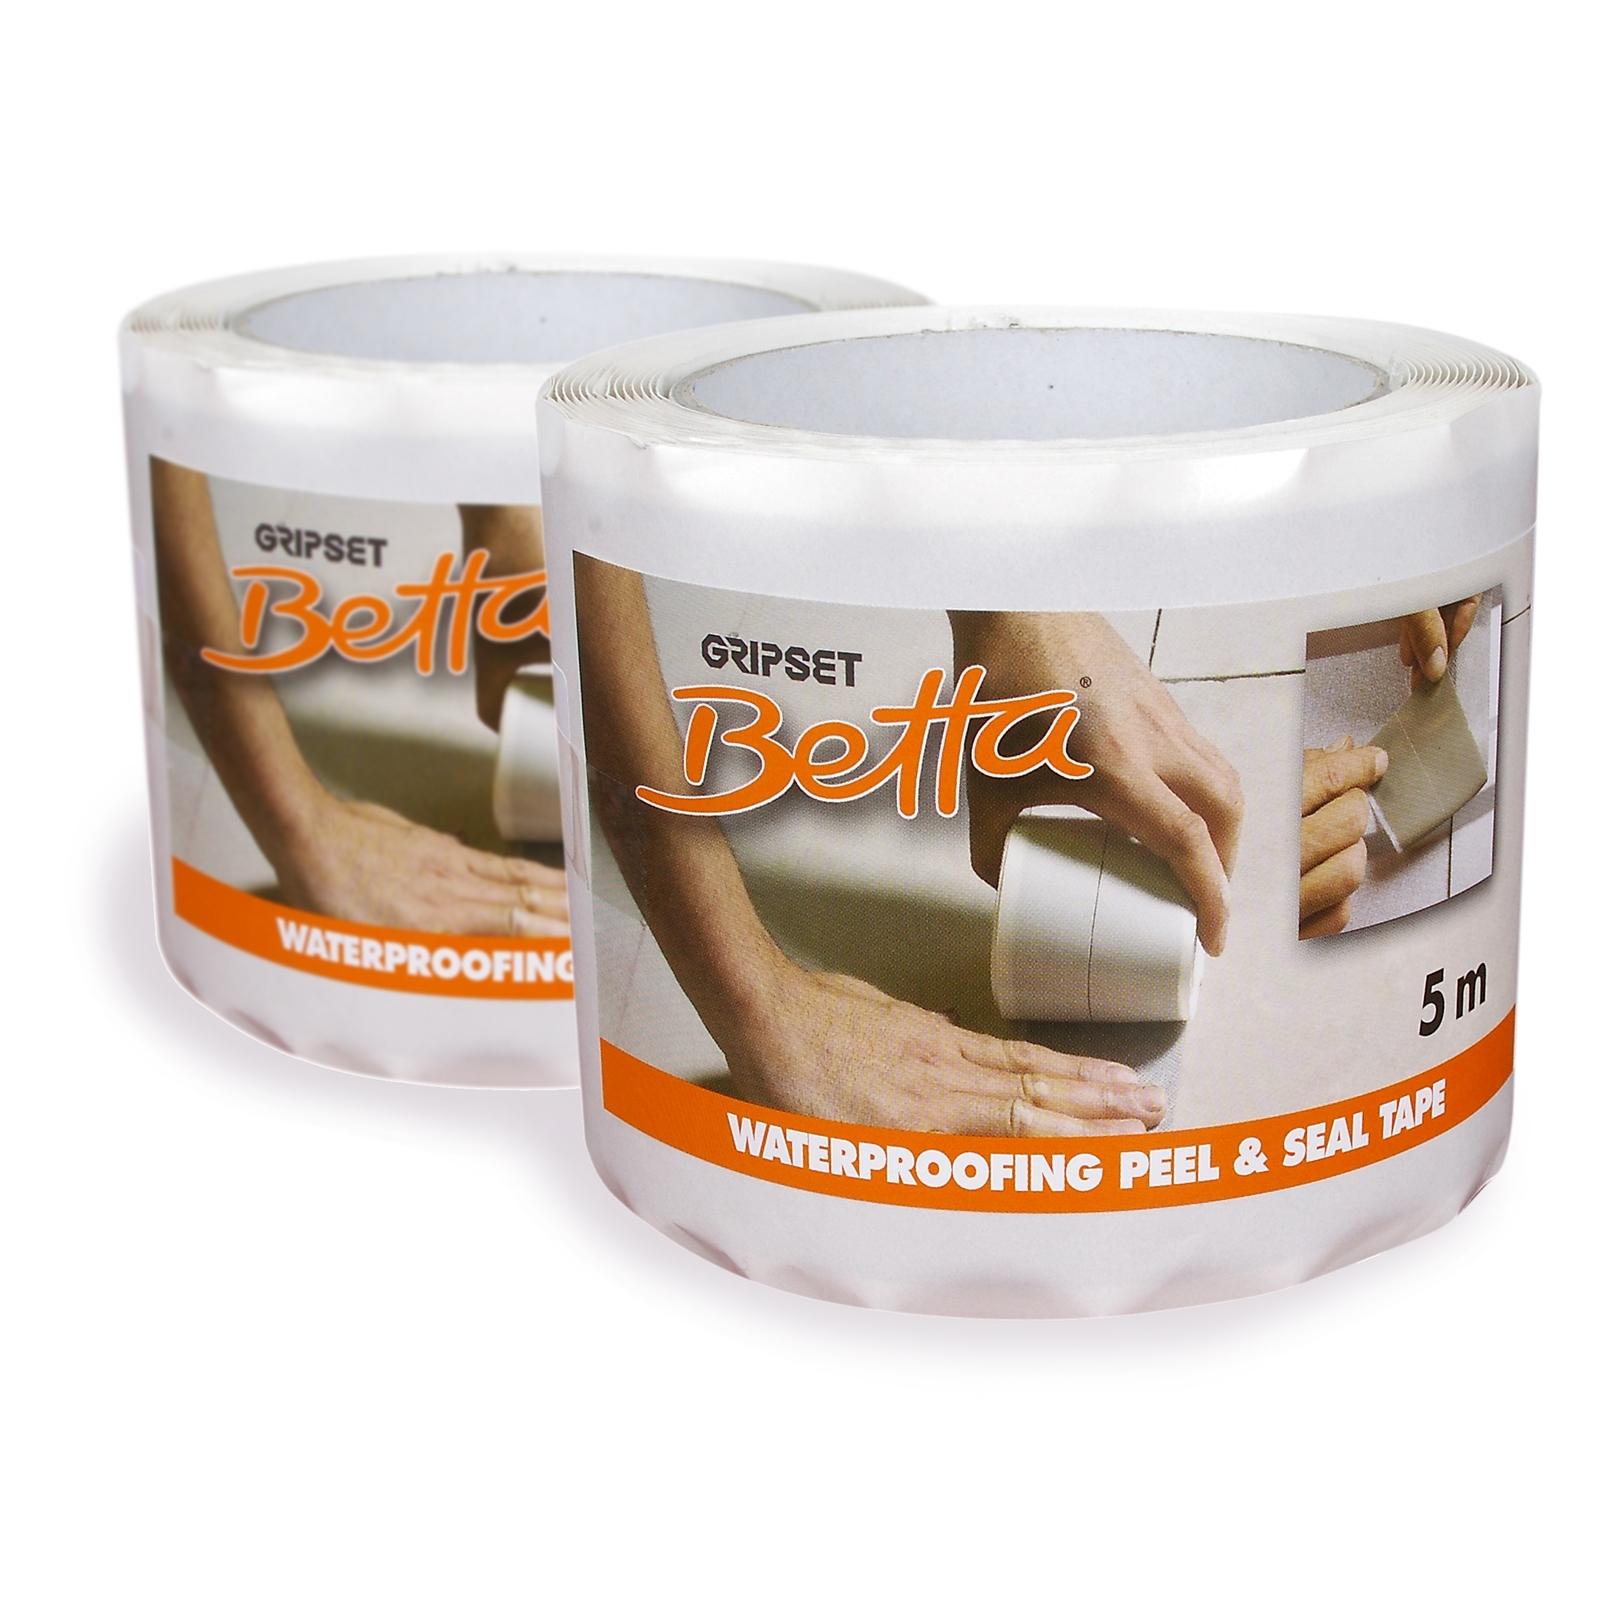 Waterproofing Detailing Peel and Seal Tape 5m Gripset Betta